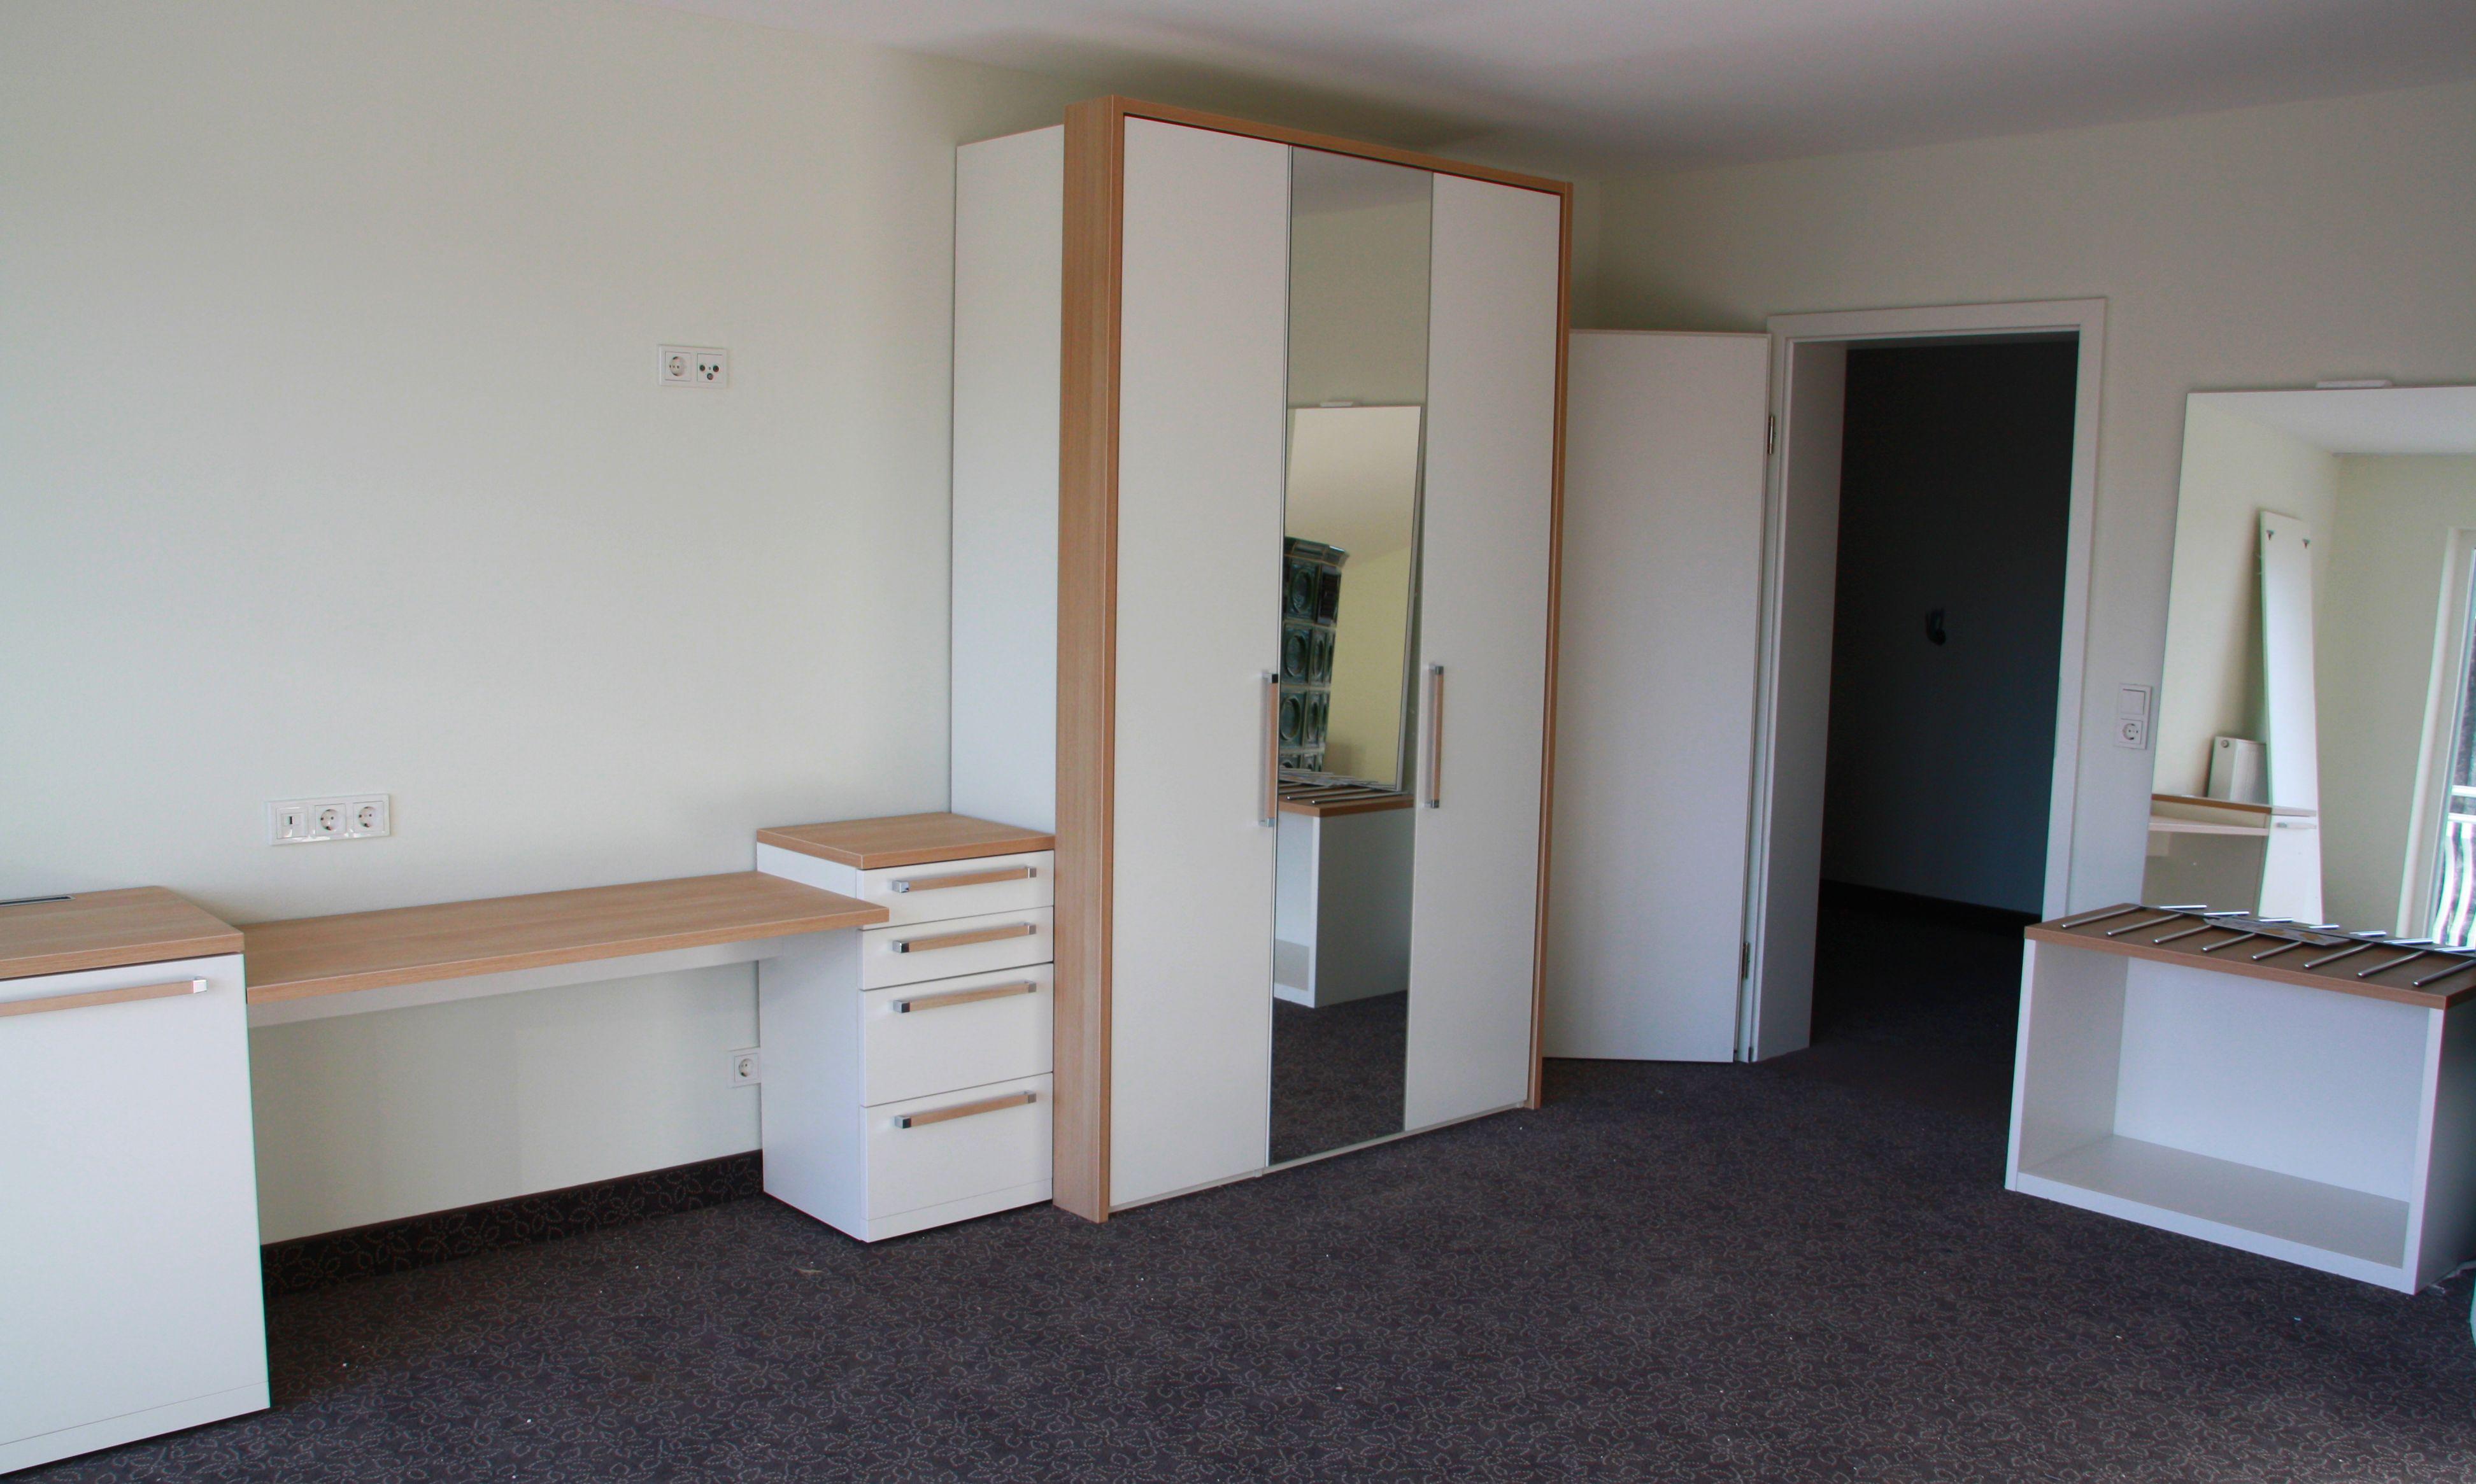 die m bel der g stezimmer sind aufgebaut. Black Bedroom Furniture Sets. Home Design Ideas